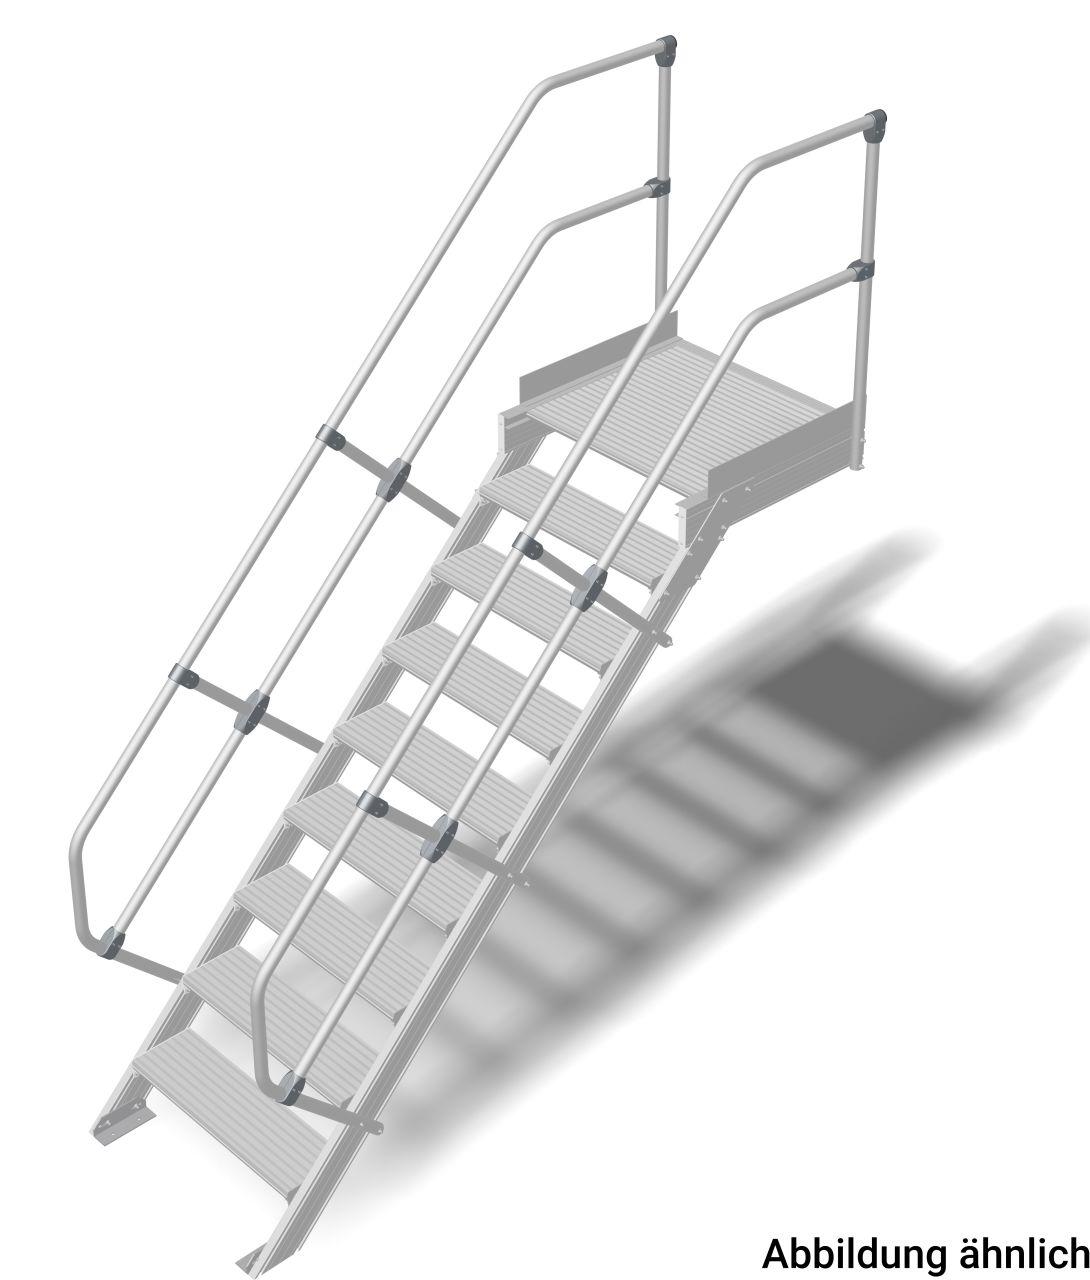 Treppe mit Plattform (Leichtmetall) Robuste Aluminium-Treppe für den sicheren Zugang zu Türen oder Zwischenböden etc. in Anlehnung an die DIN EN ISO14157